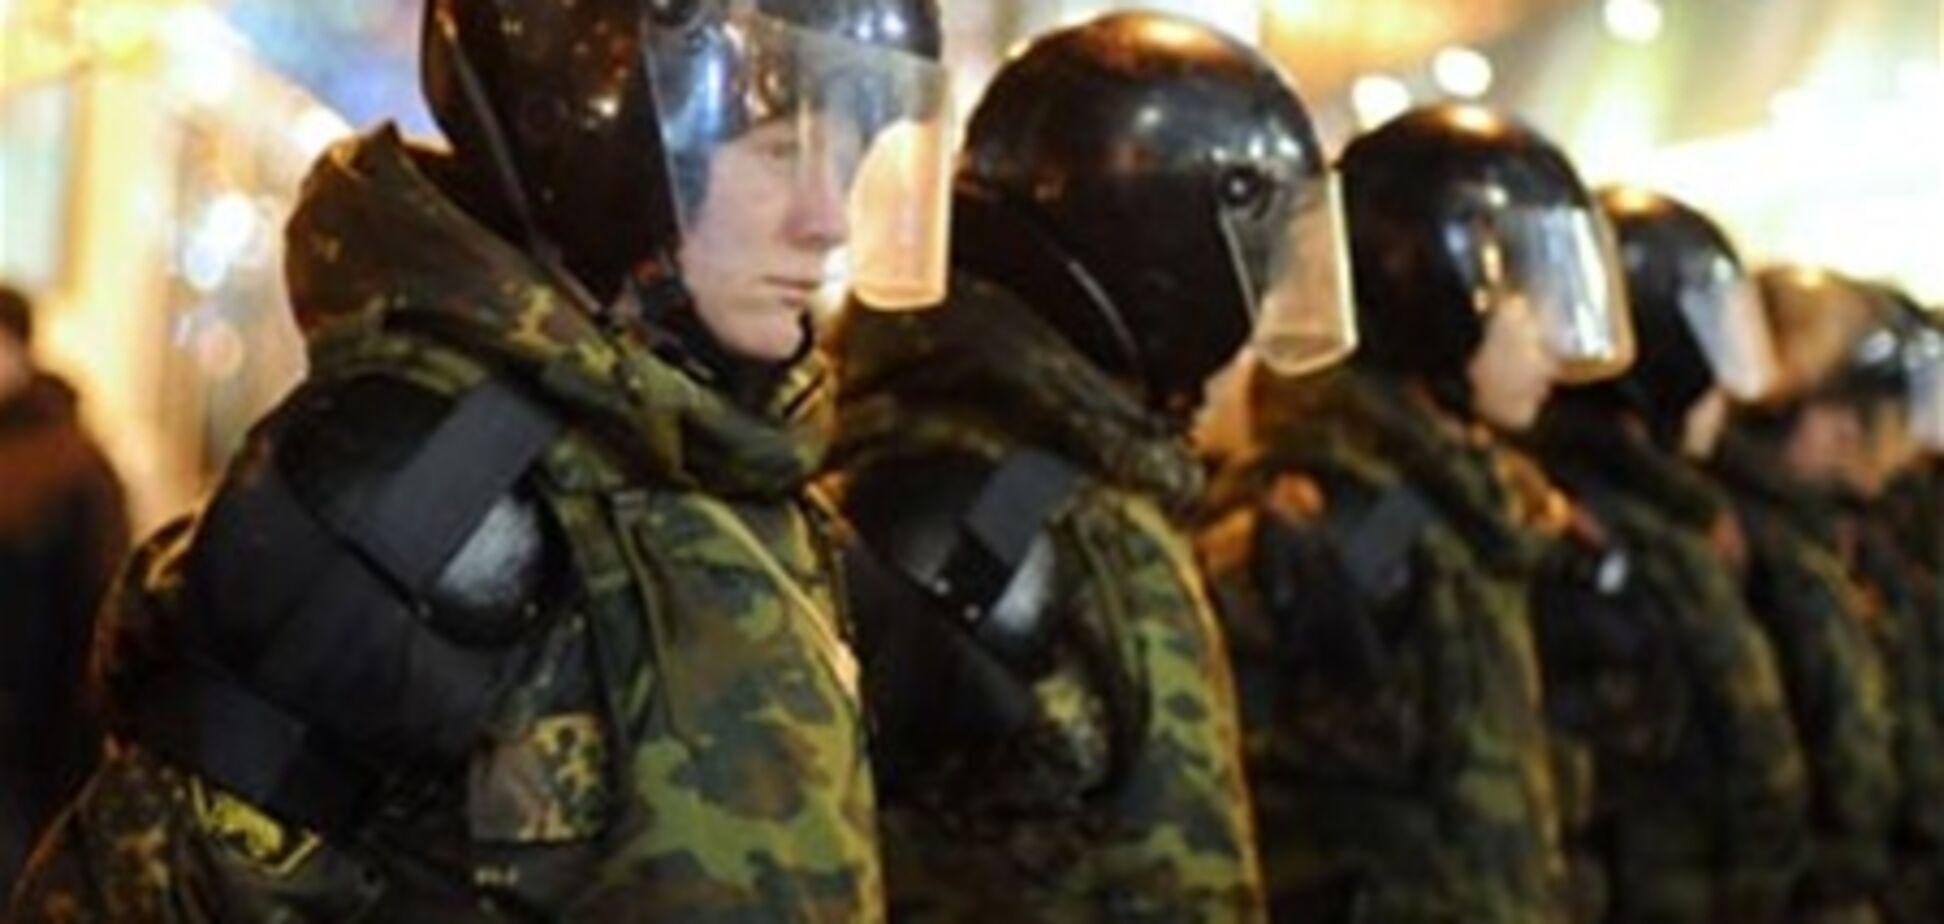 Двое 'милиционеров-садистов' угодили из СИЗО на больничную койку